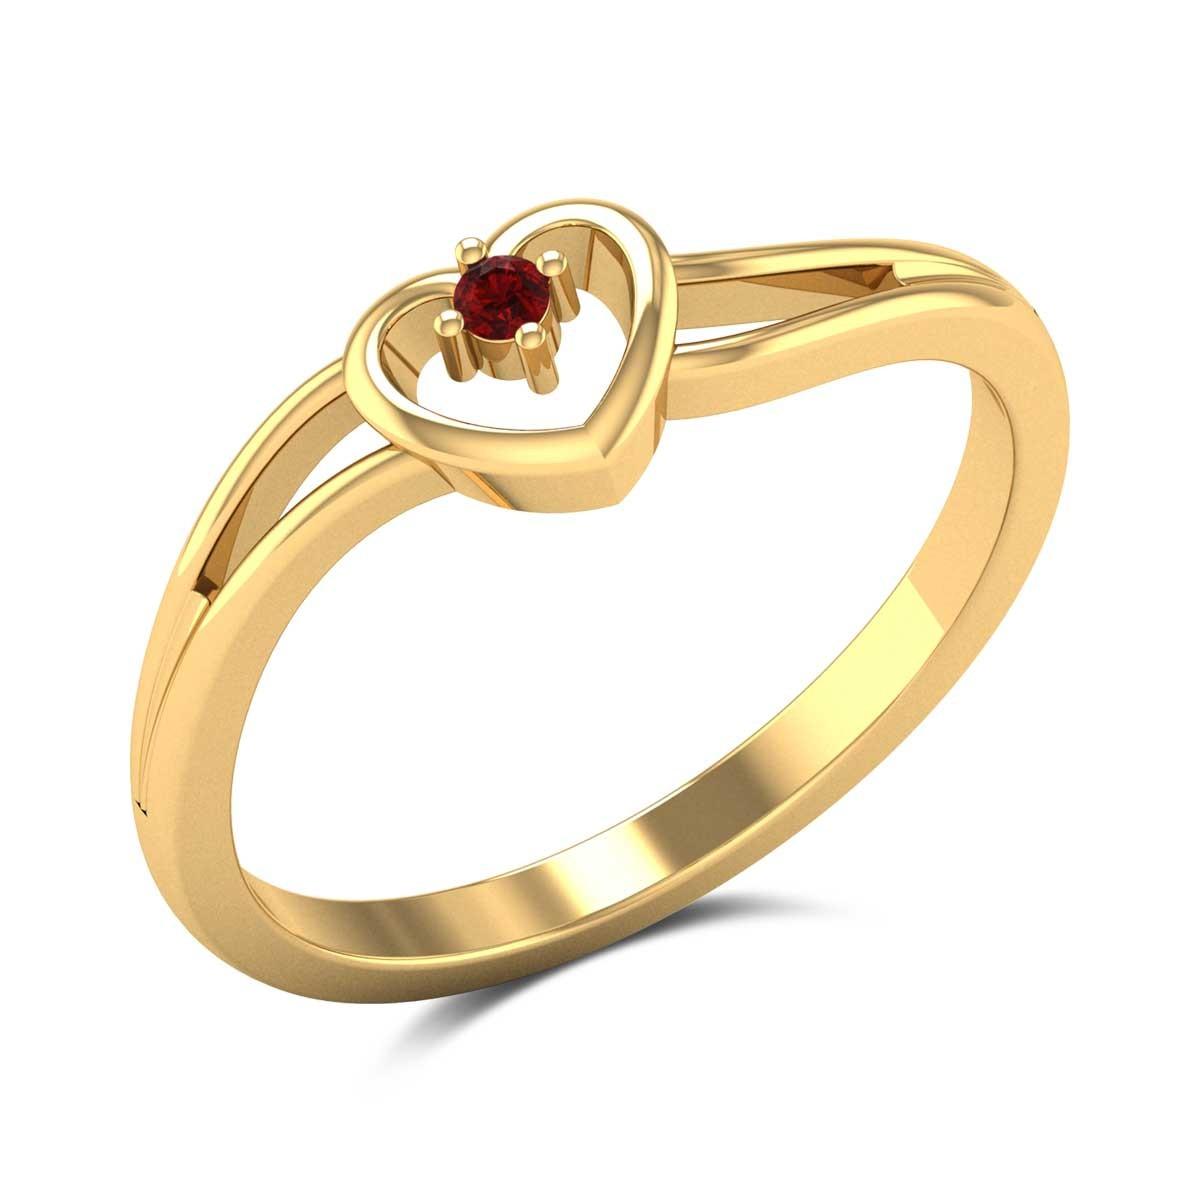 Phaenna Heart Ring